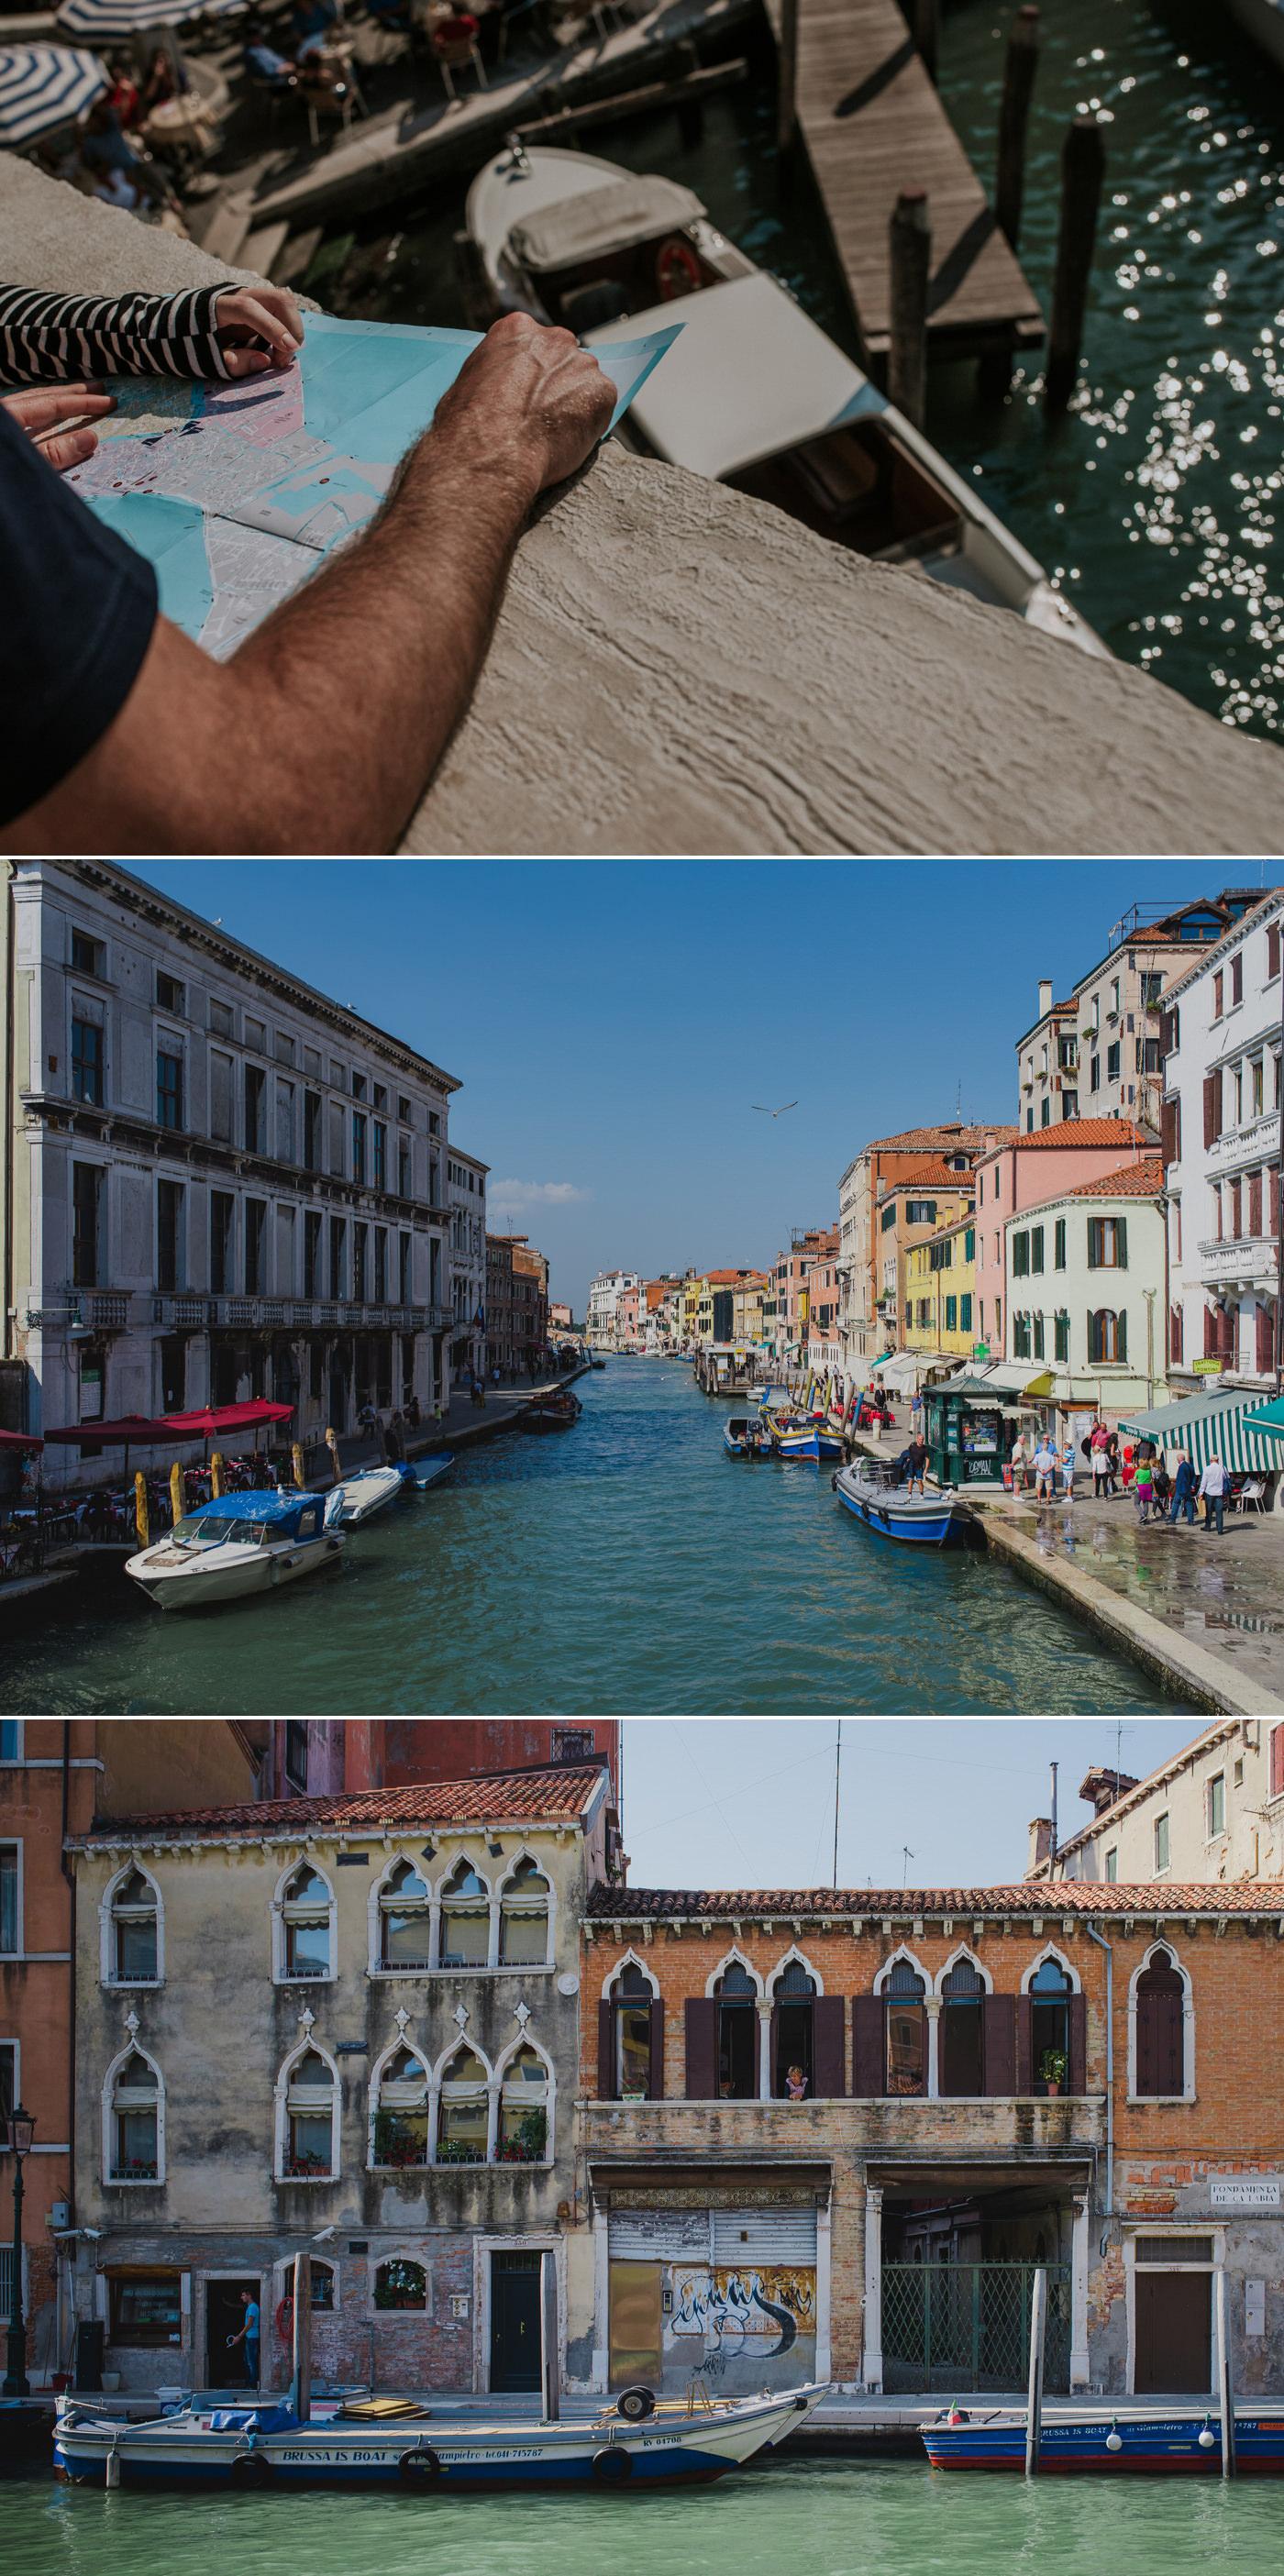 Venice_by_Piotr_Glodzik02